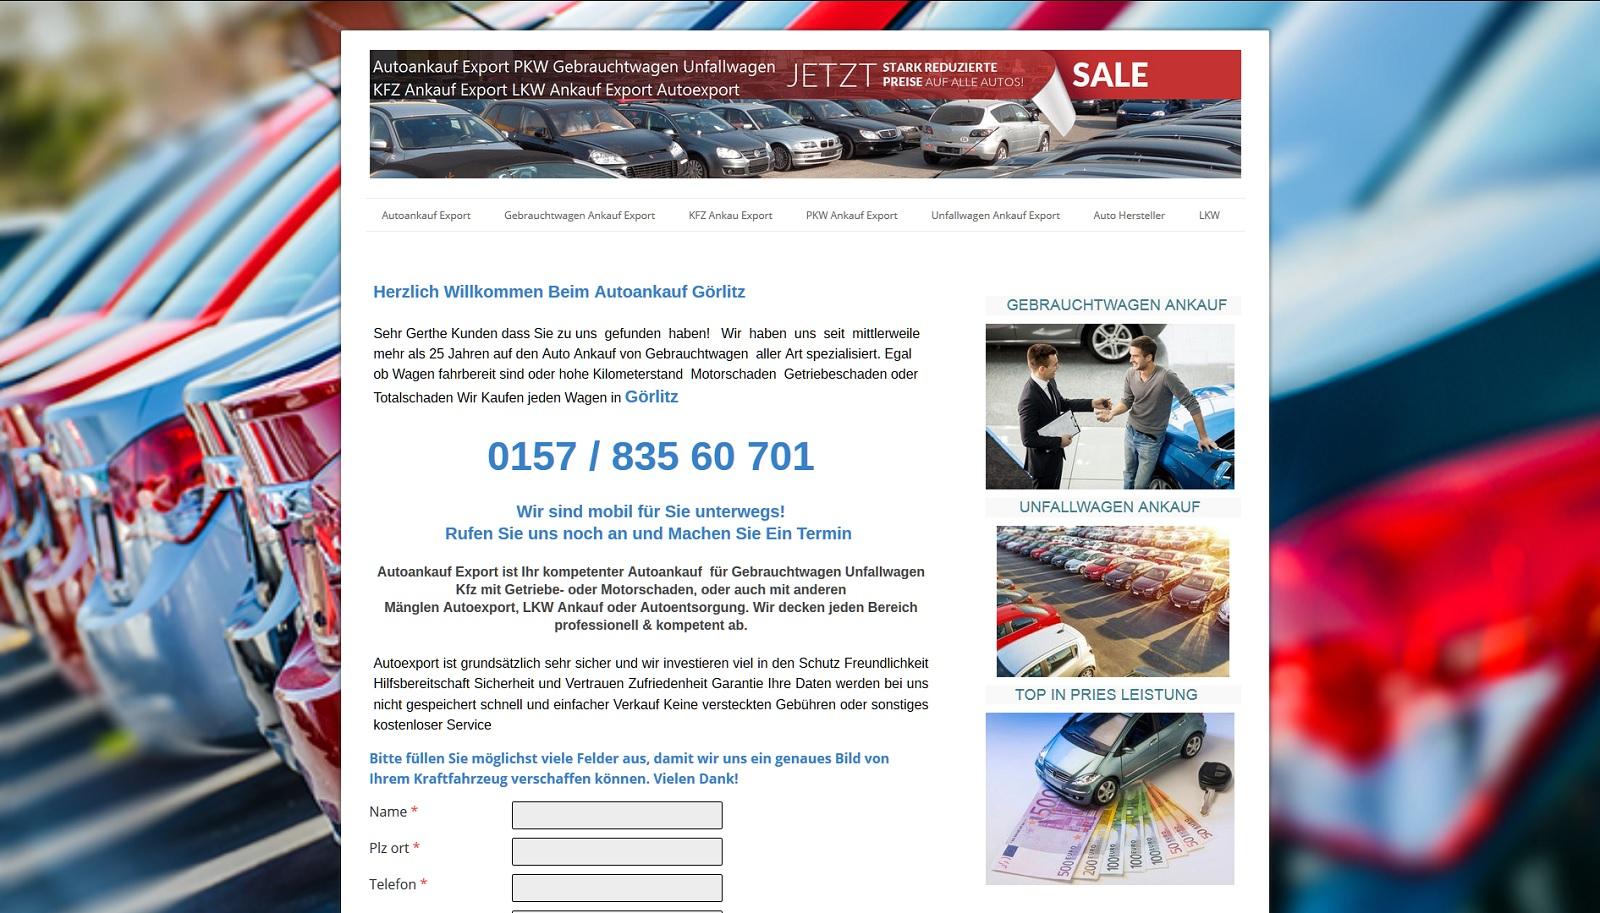 auto-ankauf-export.de - Autoankauf Mettmann